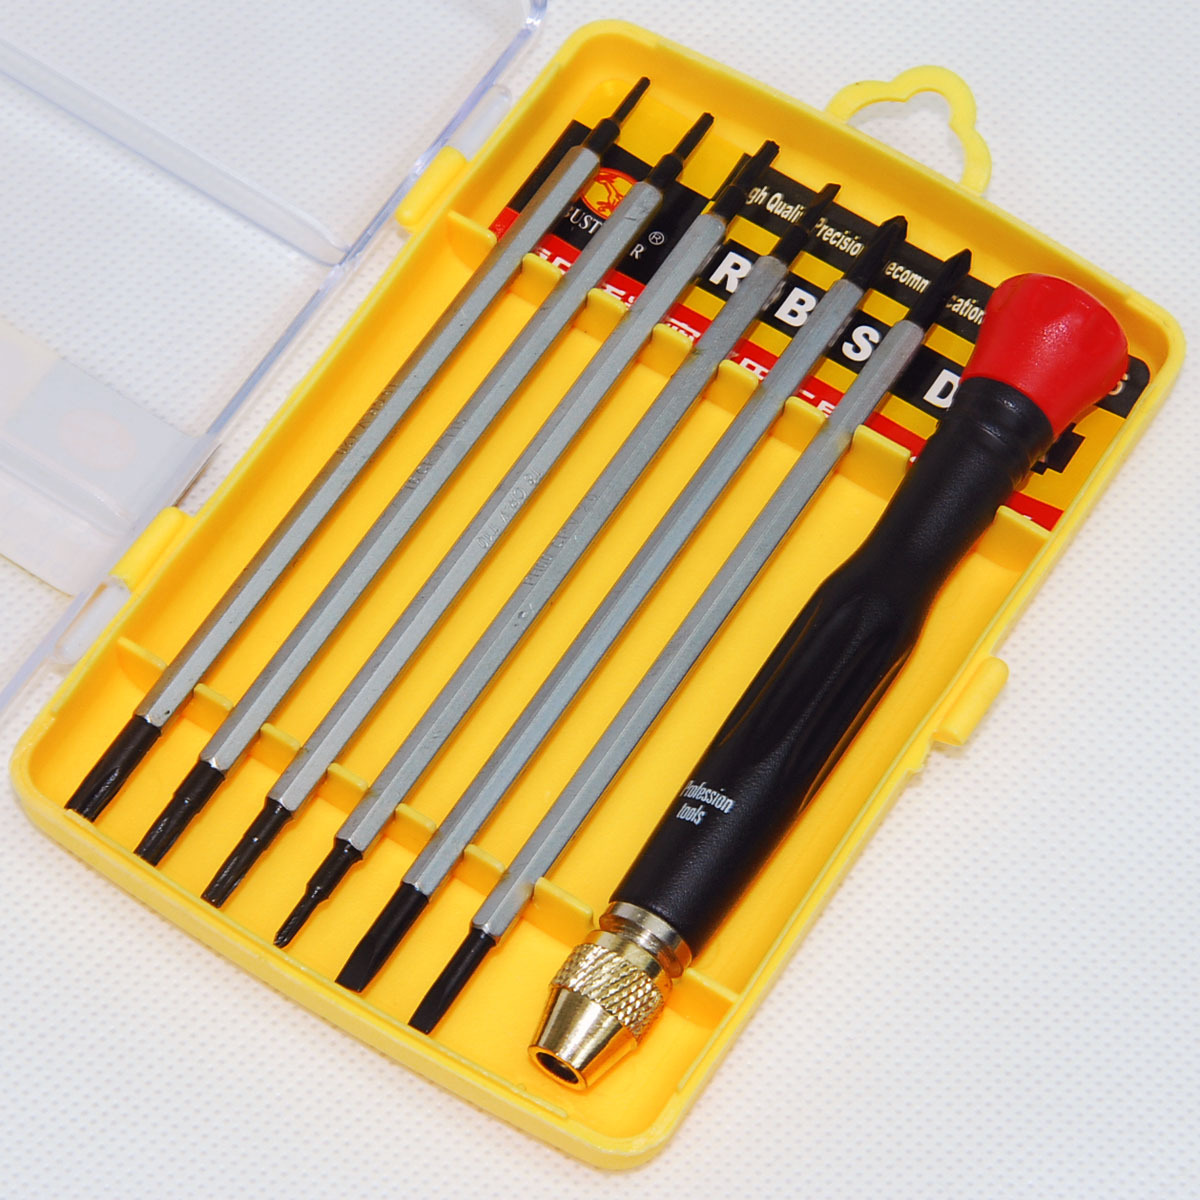 飞鹿 No.9126 螺丝刀套装 修理硬盘、手机、笔记本组合螺丝批